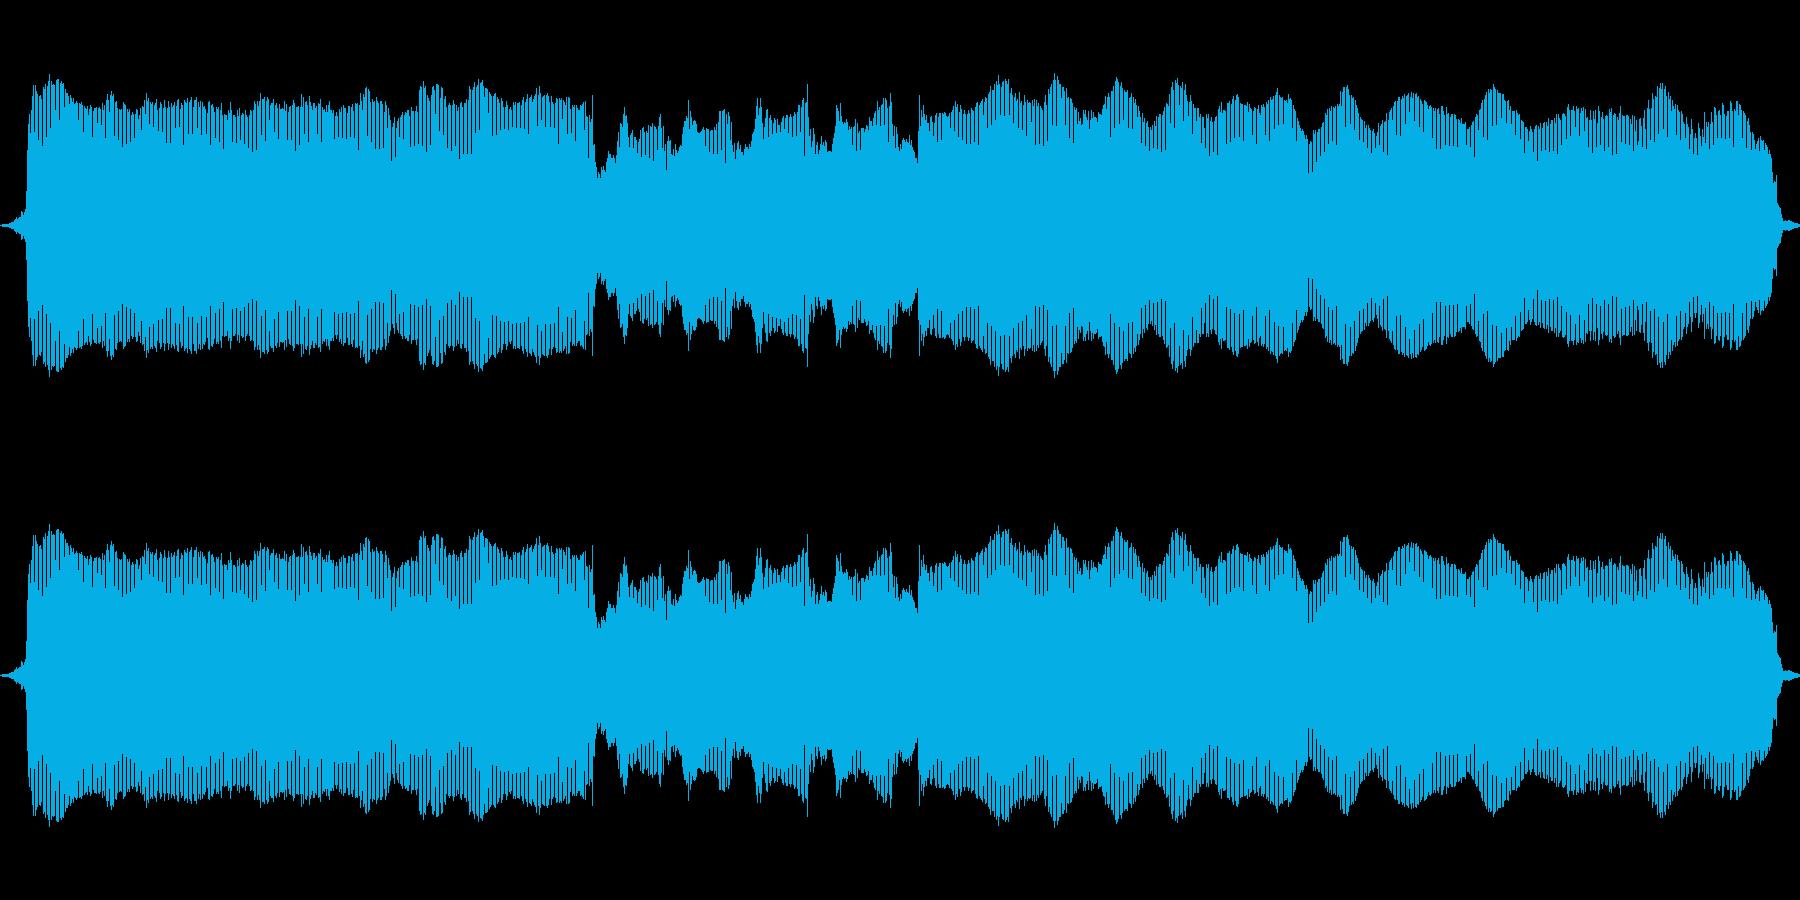 こぶし01(D)の再生済みの波形